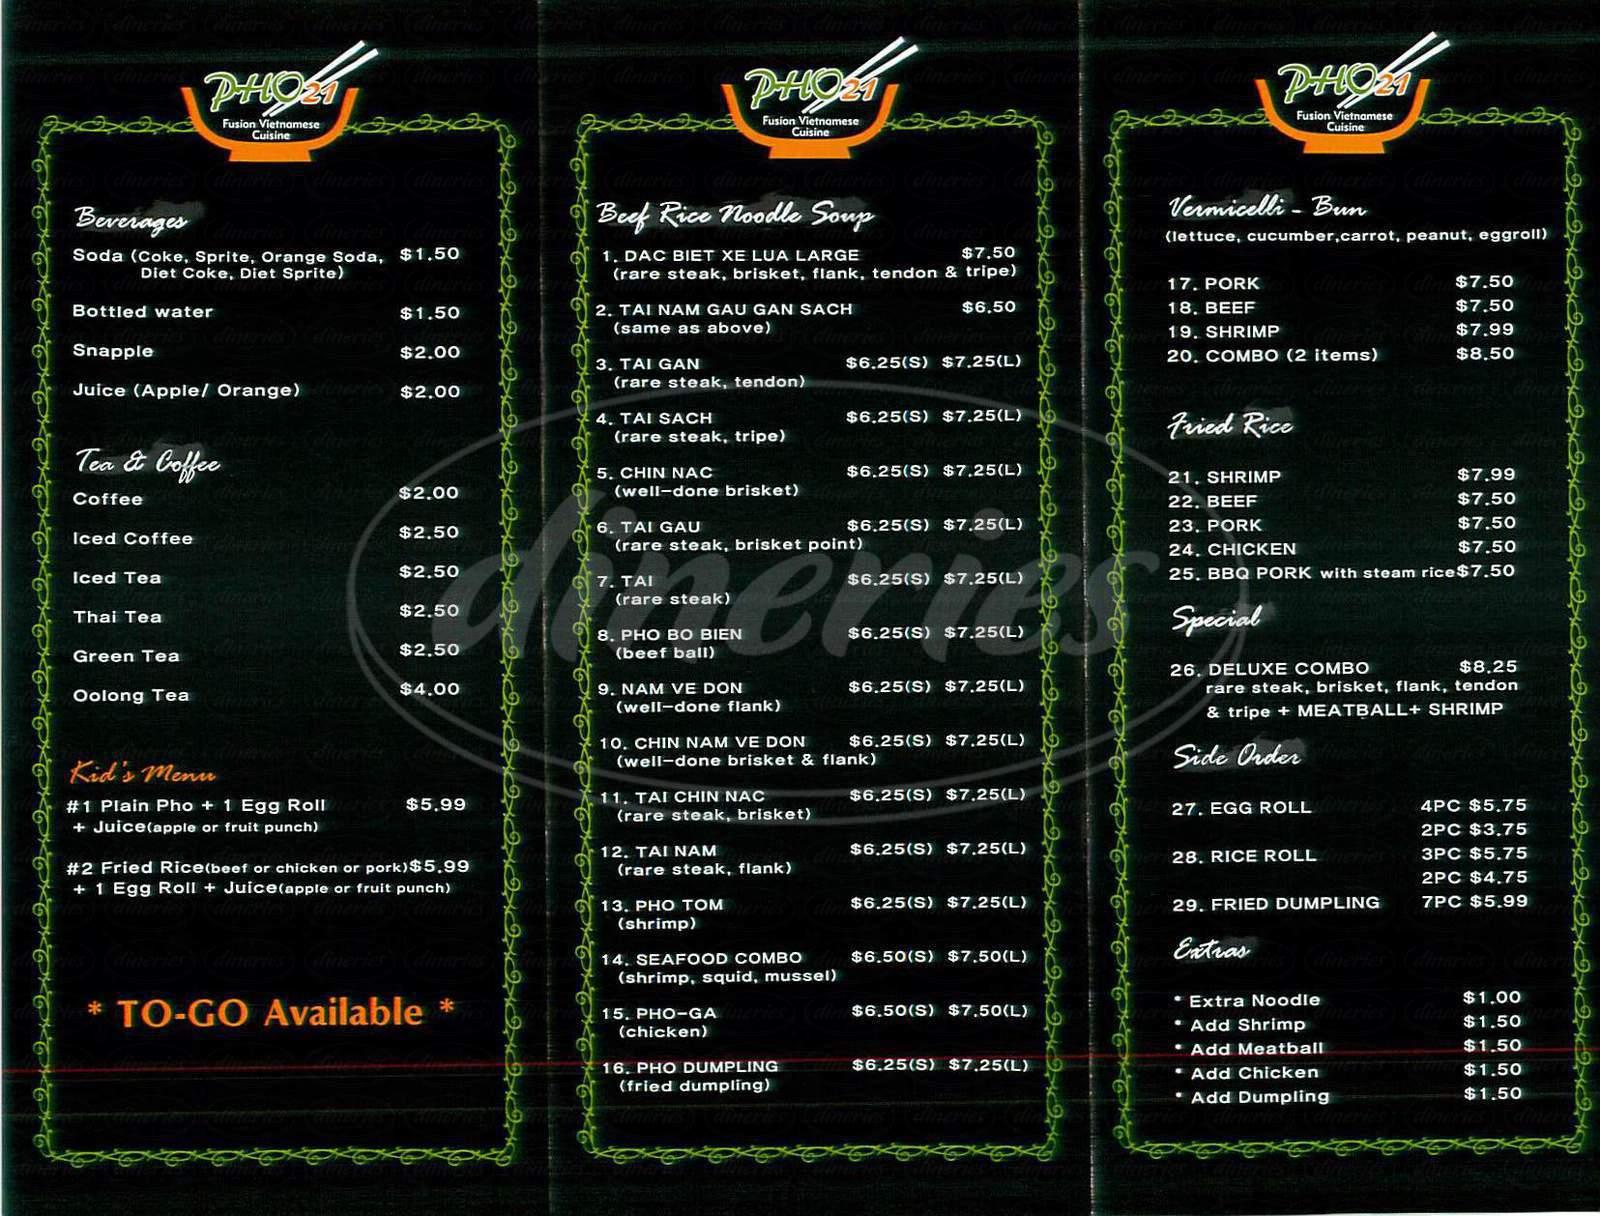 menu for Pho 21